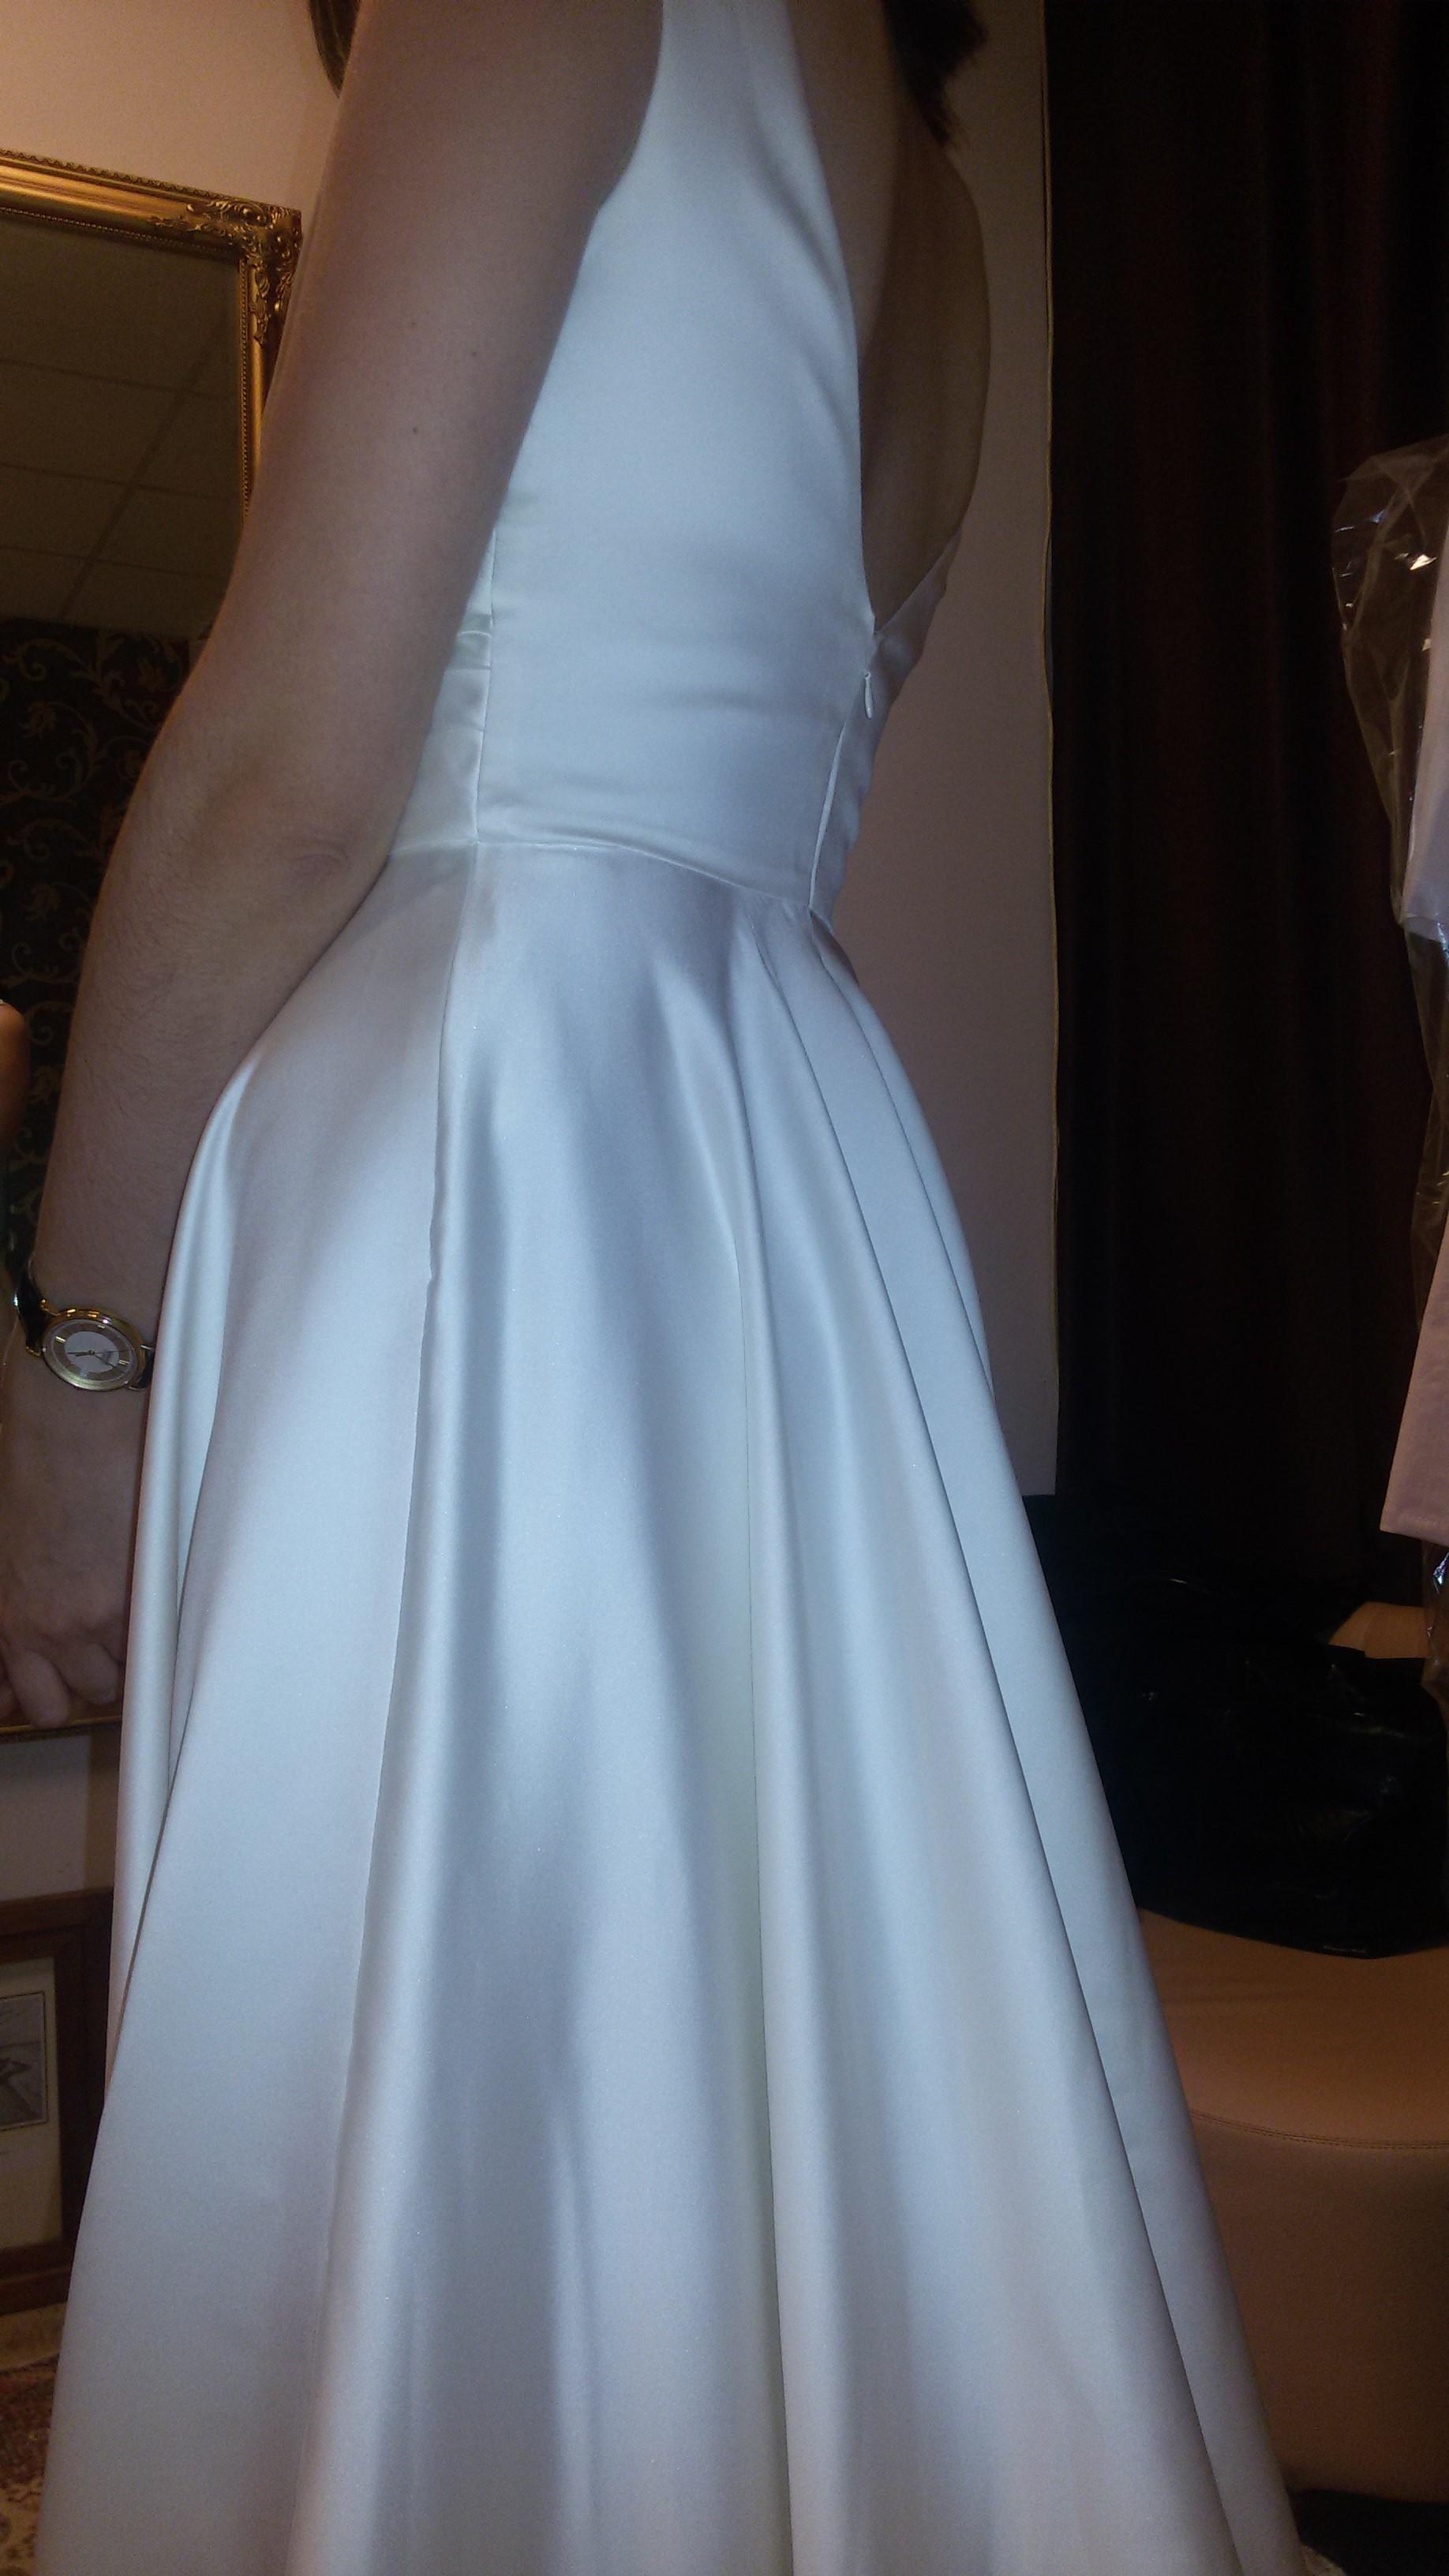 vestuvinių suknelių lyginimas